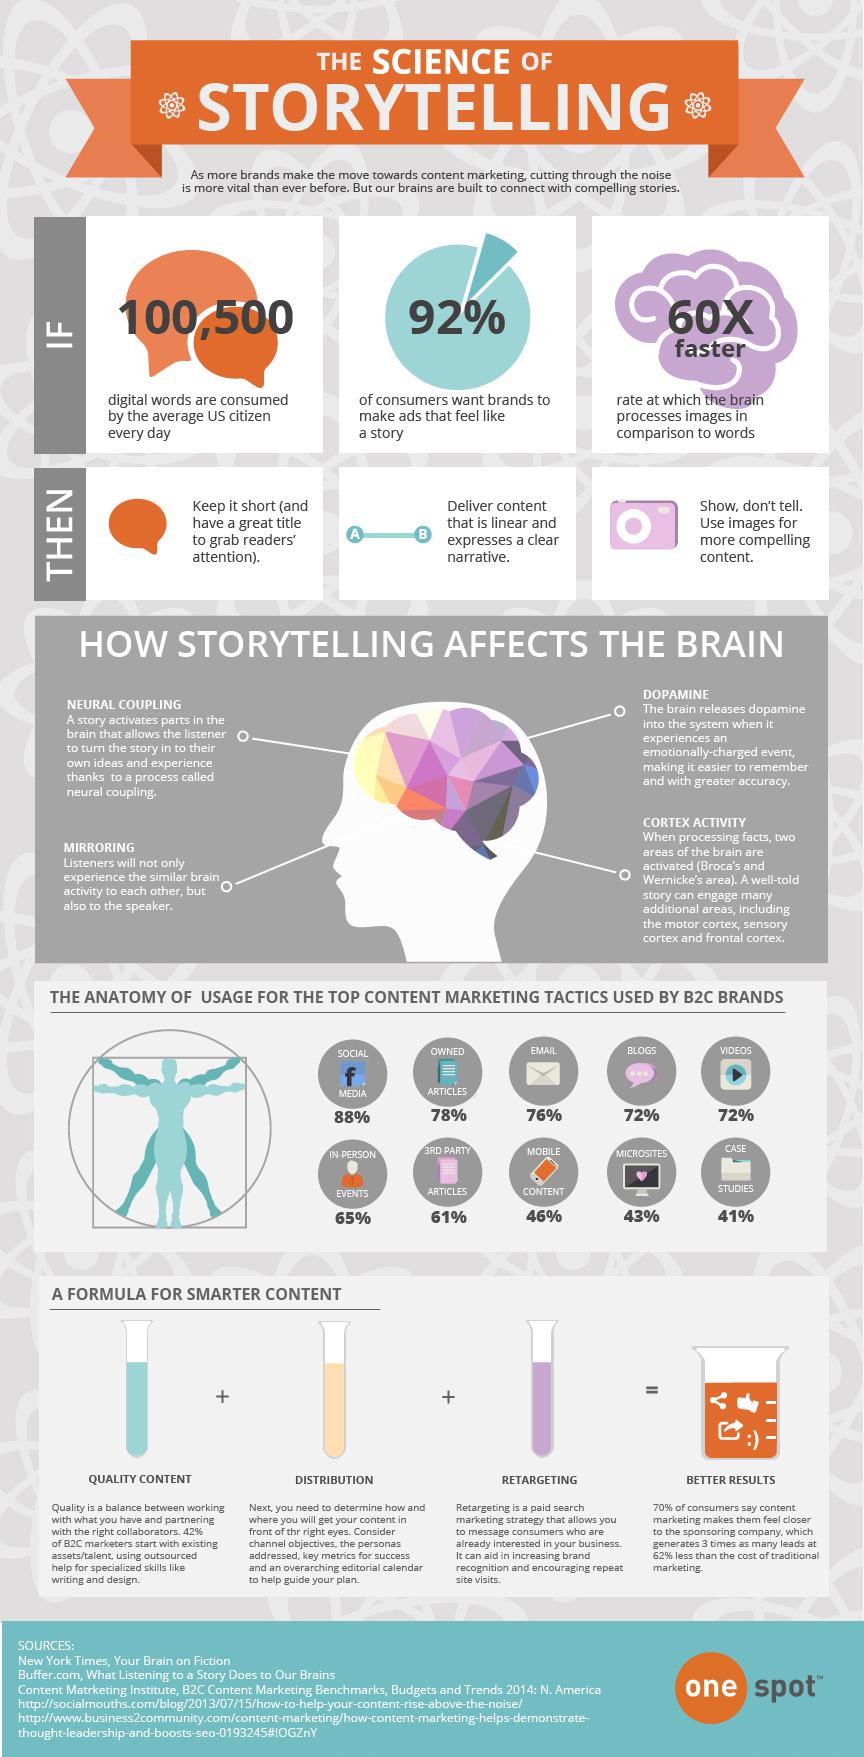 Comment utiliser efficacement le storytelling for Le cerveau en miroir